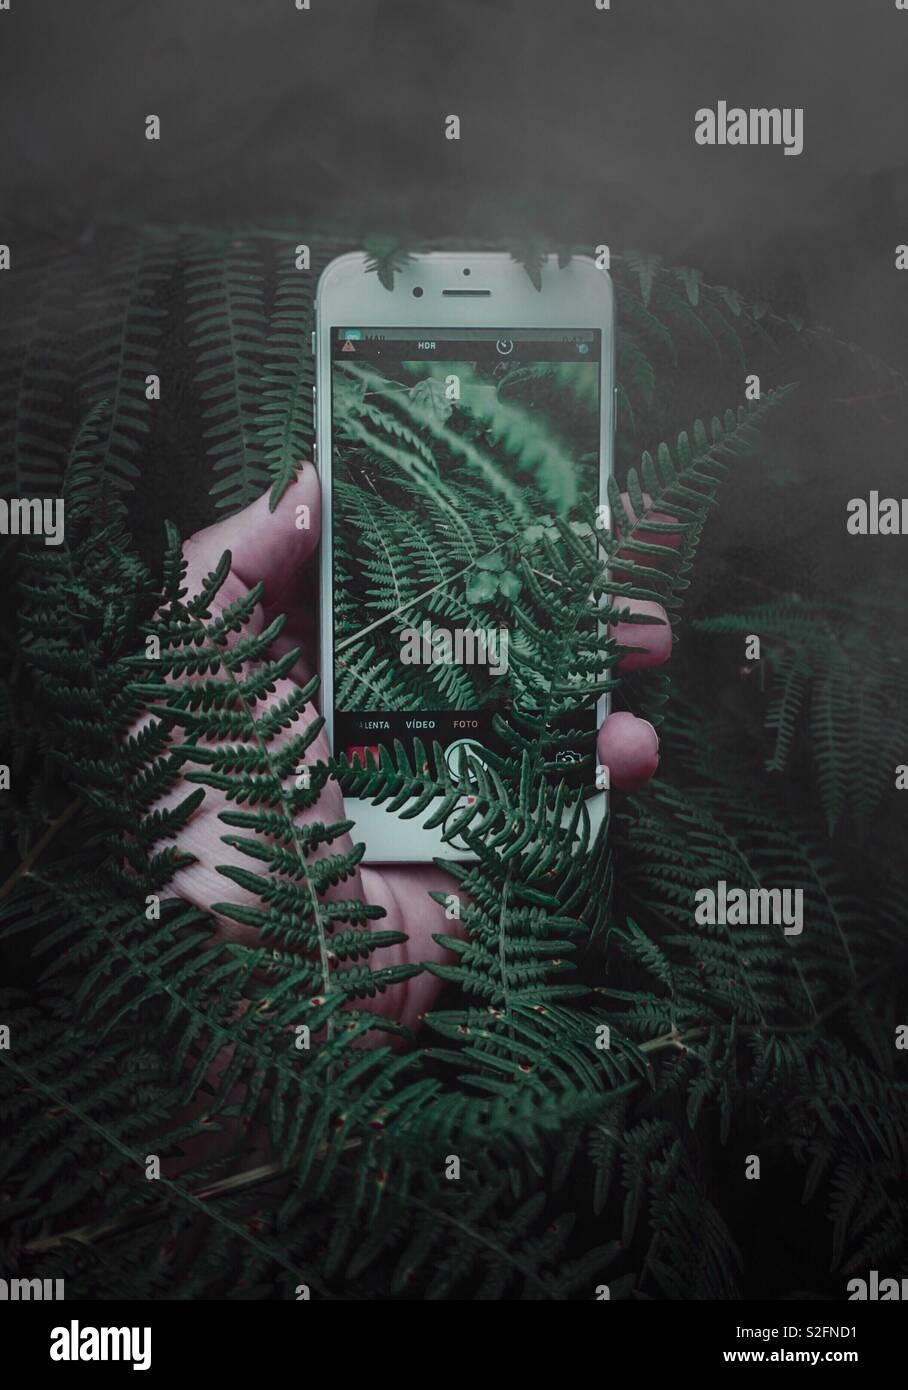 La main avec le téléphone de la ferns Banque D'Images